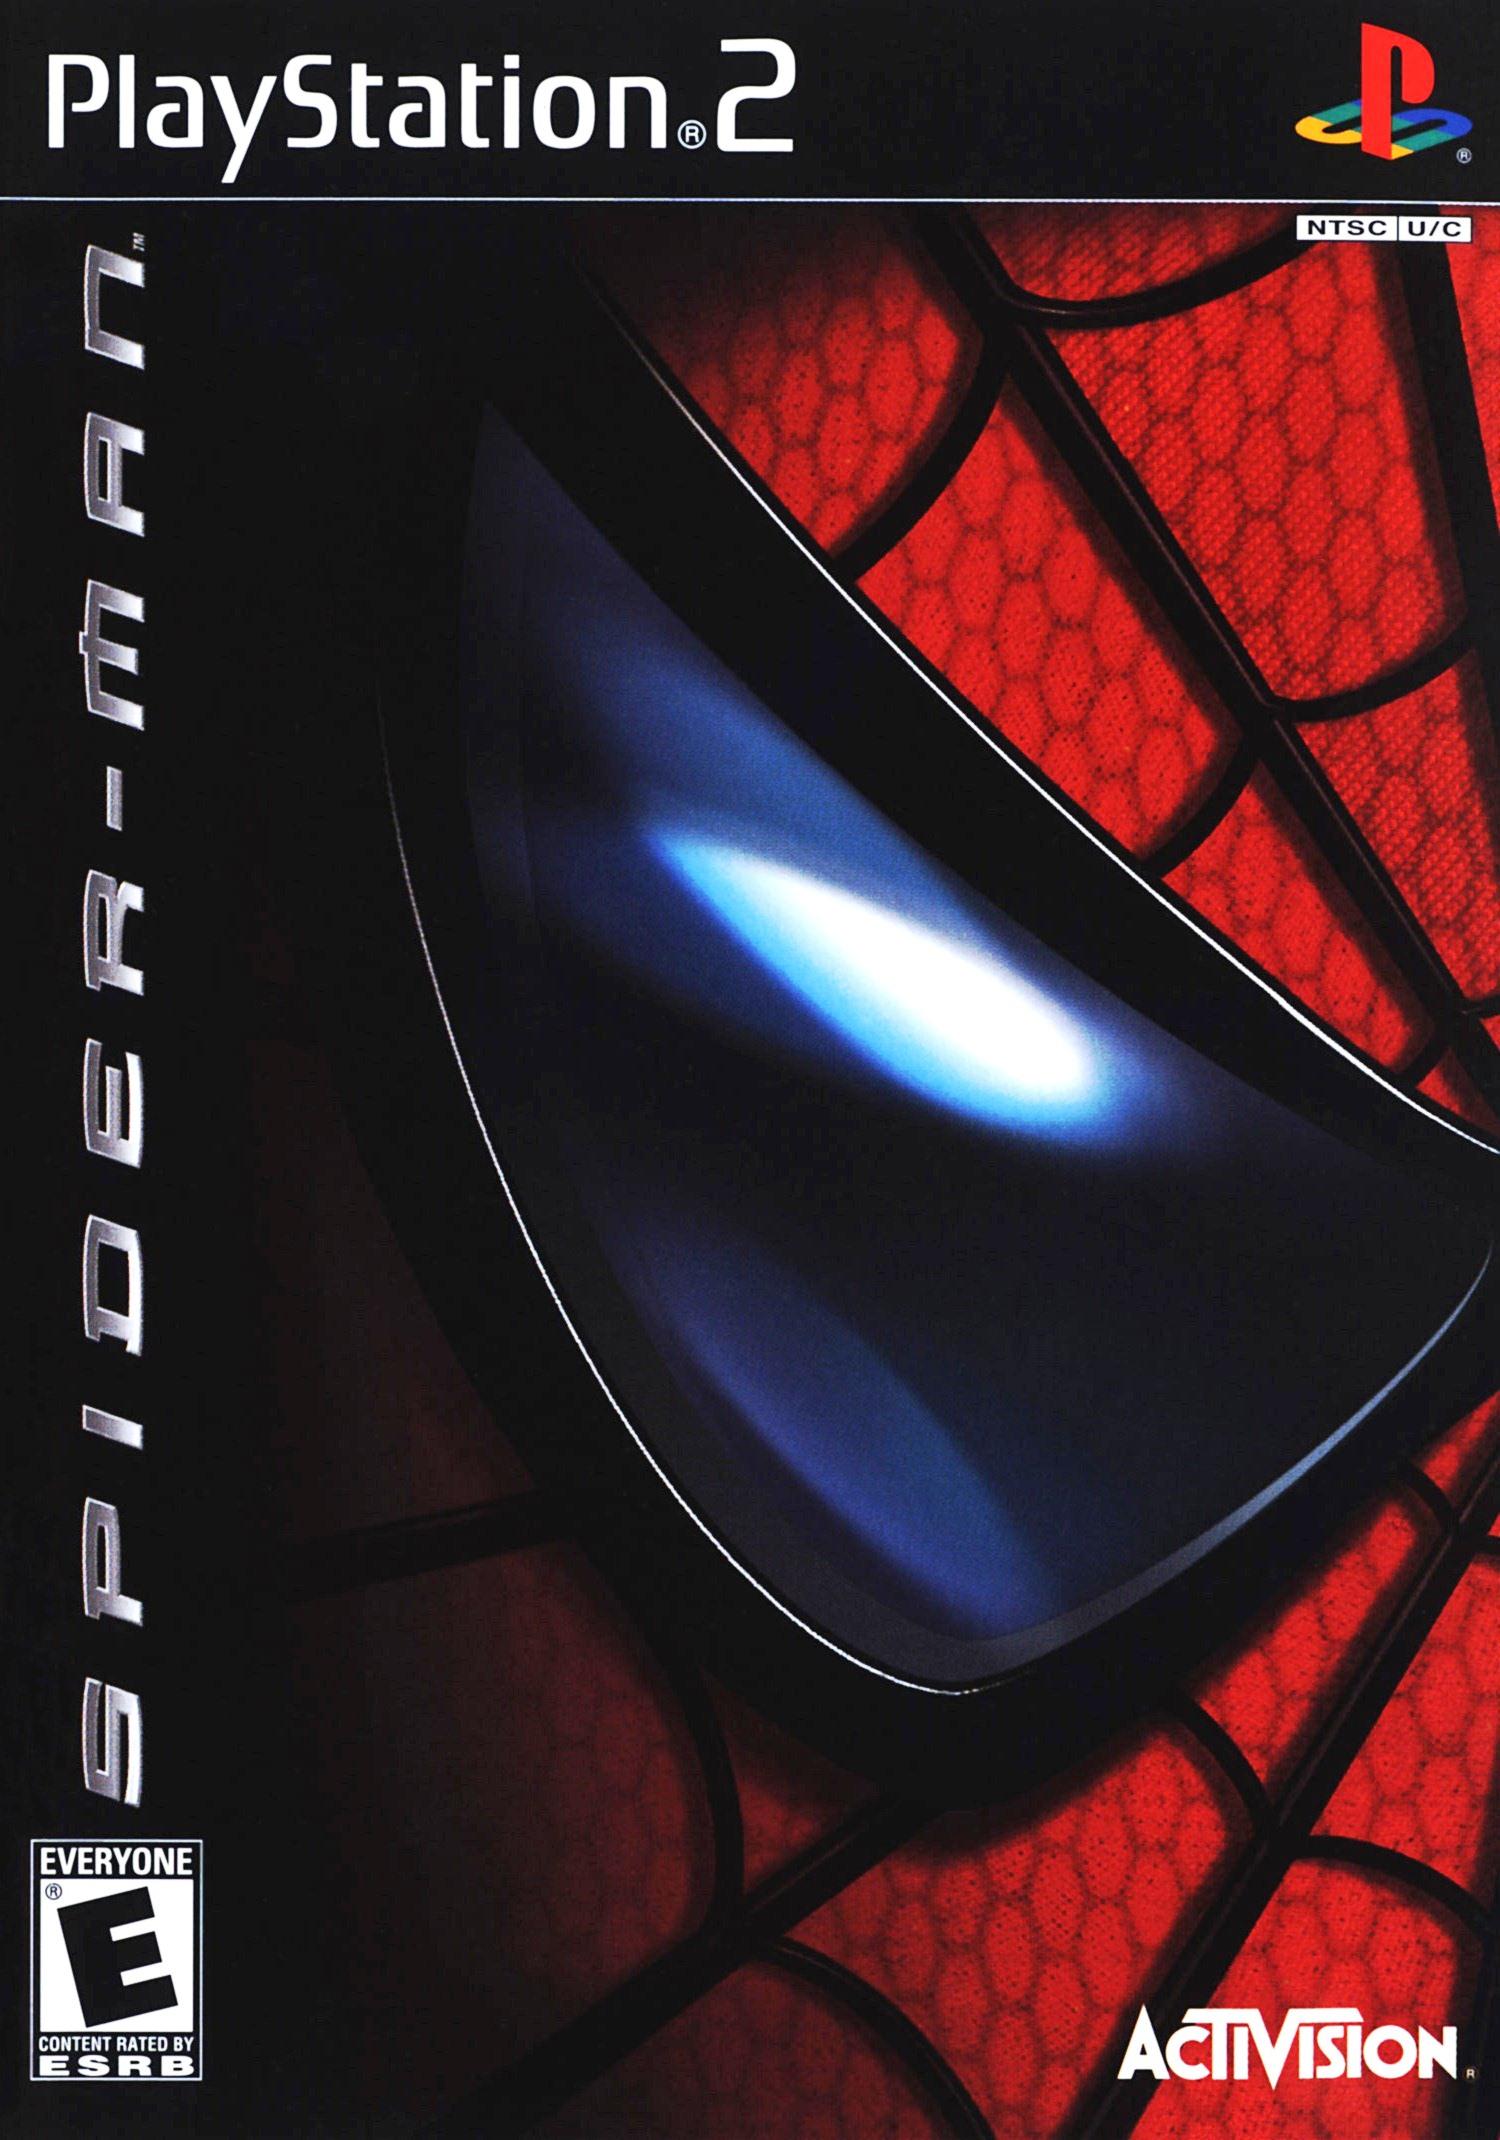 Spider-Man (video game)